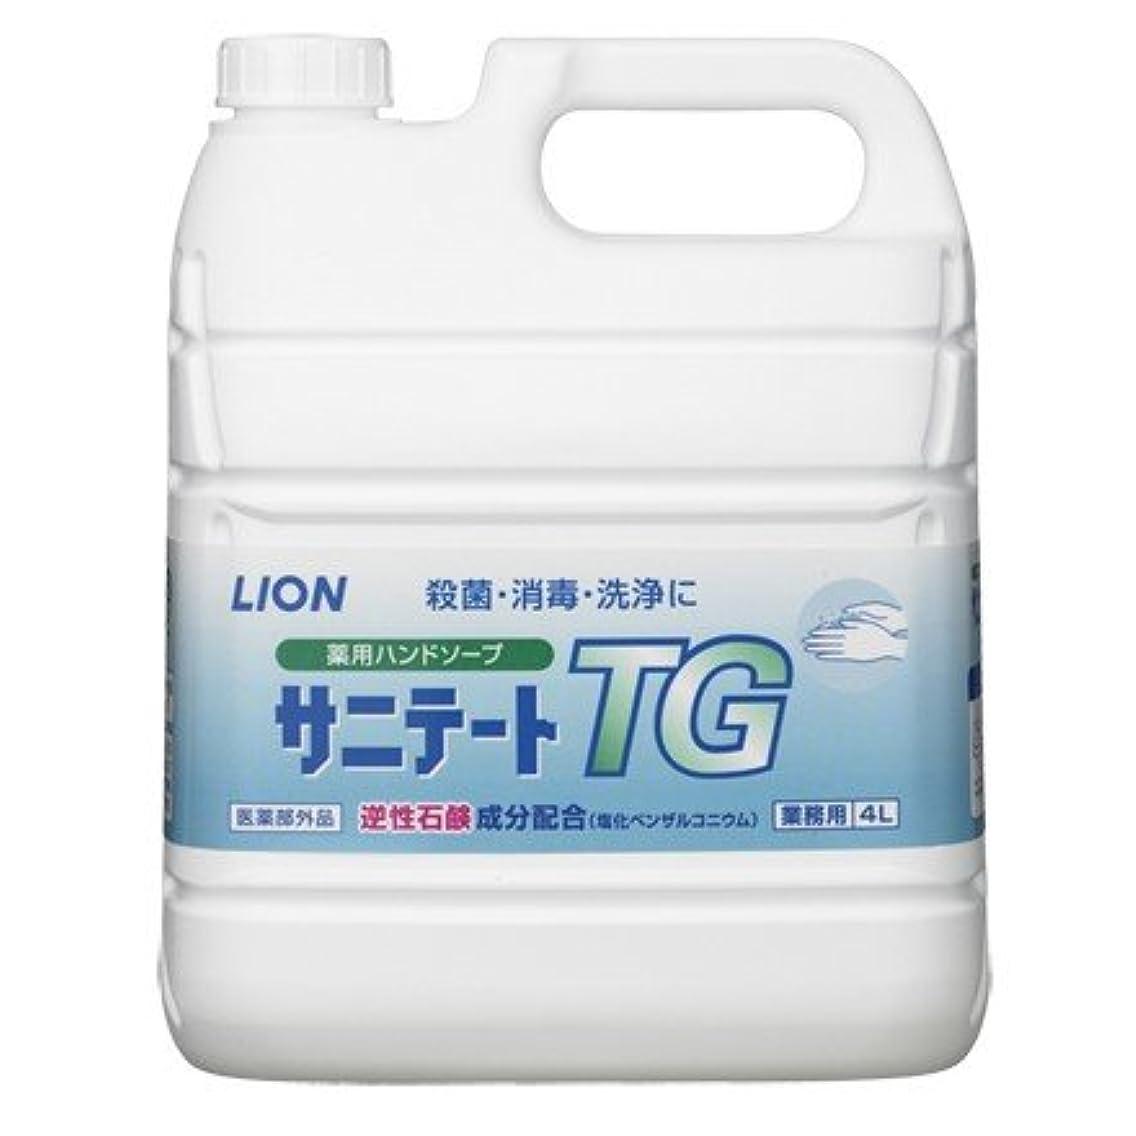 二十エジプト人大脳ライオン 薬用ハンドソープ サニテートTG 希釈タイプ(逆性石鹸)4L×2本入